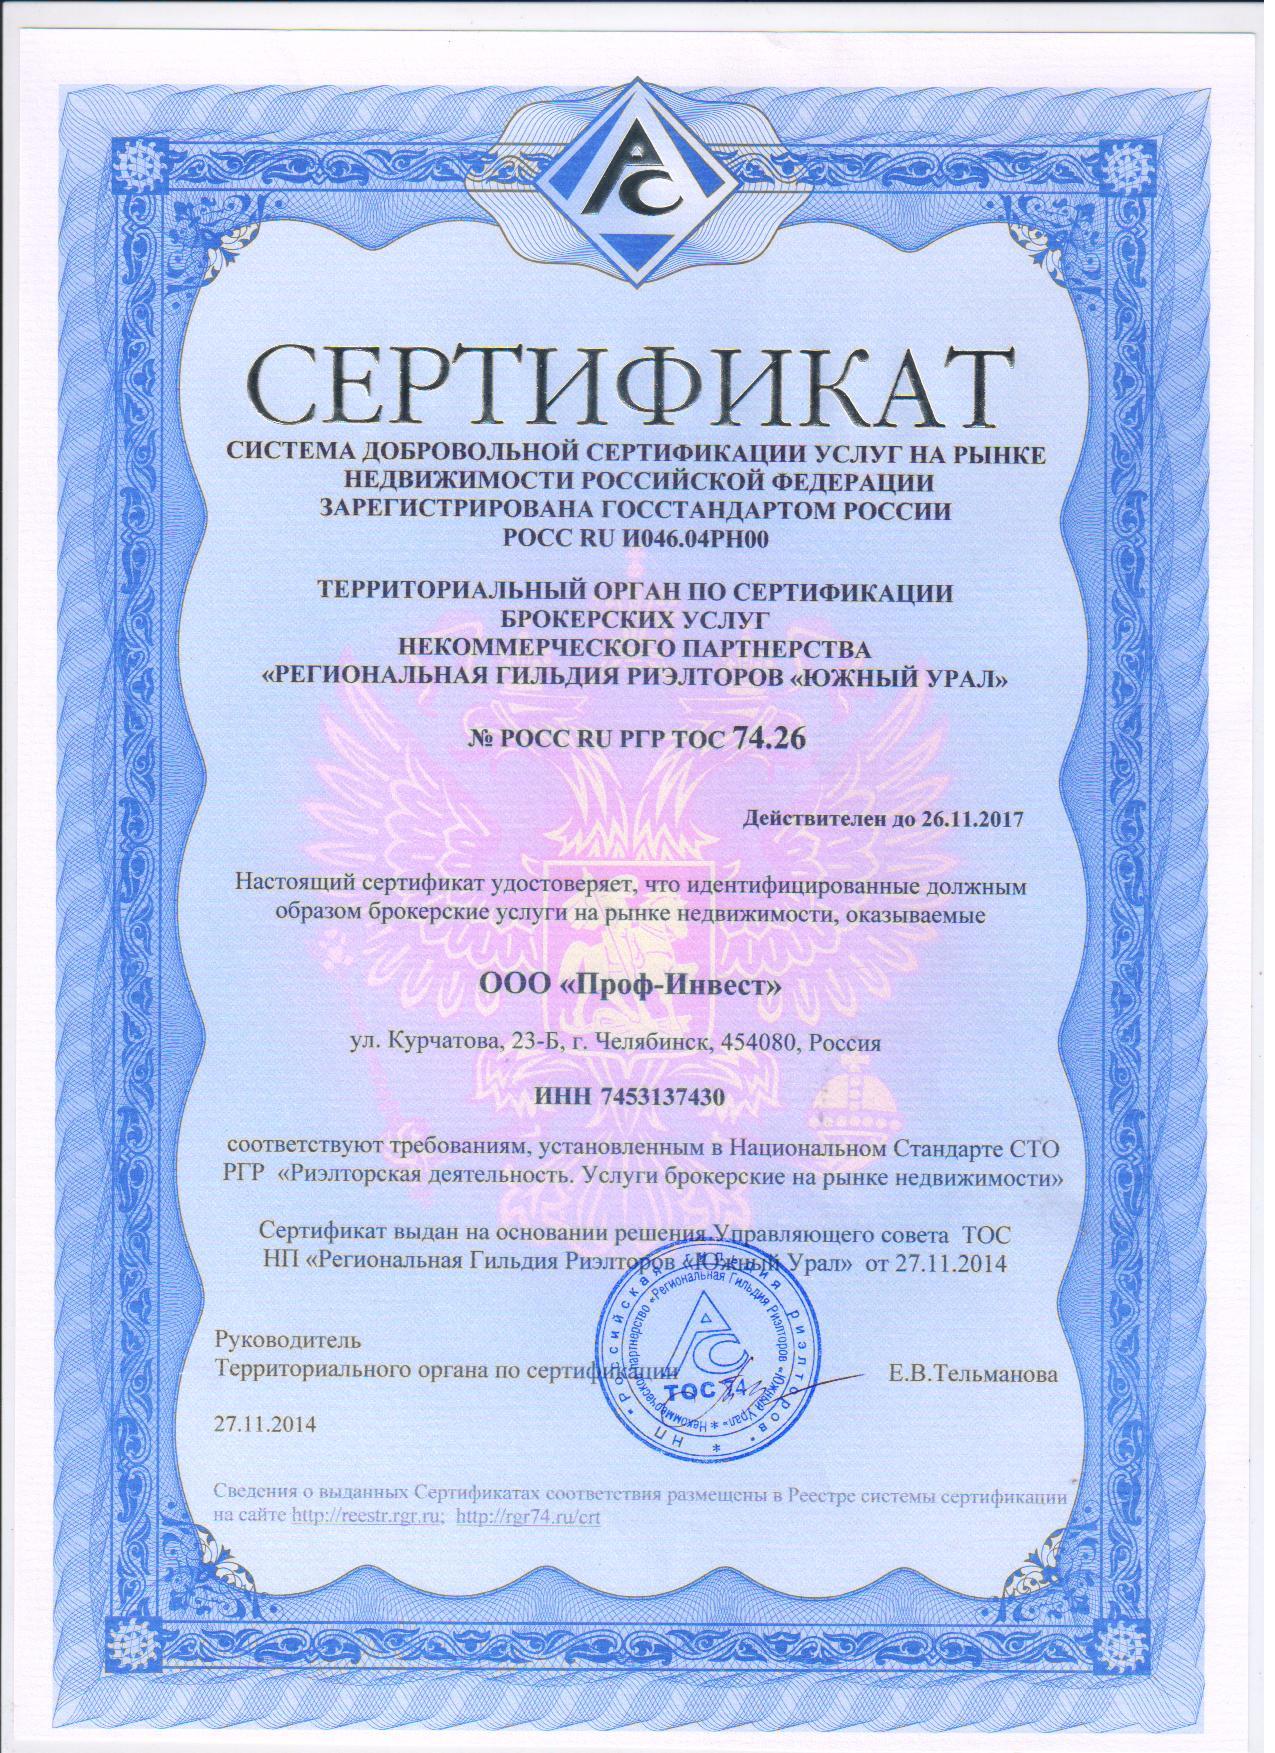 Сертификат на минет